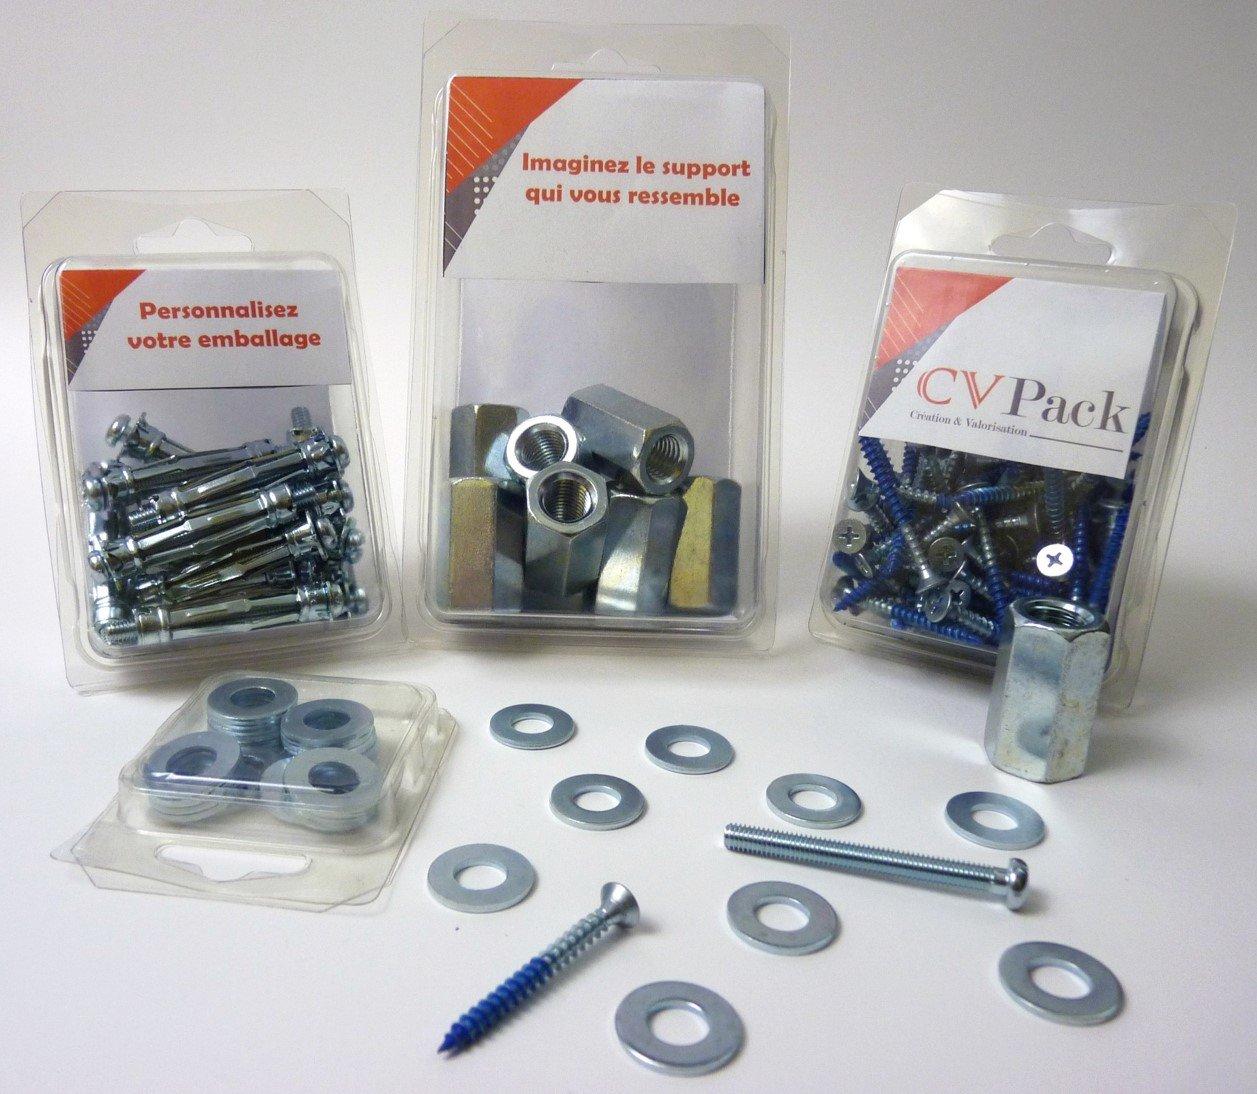 cv pack nibox